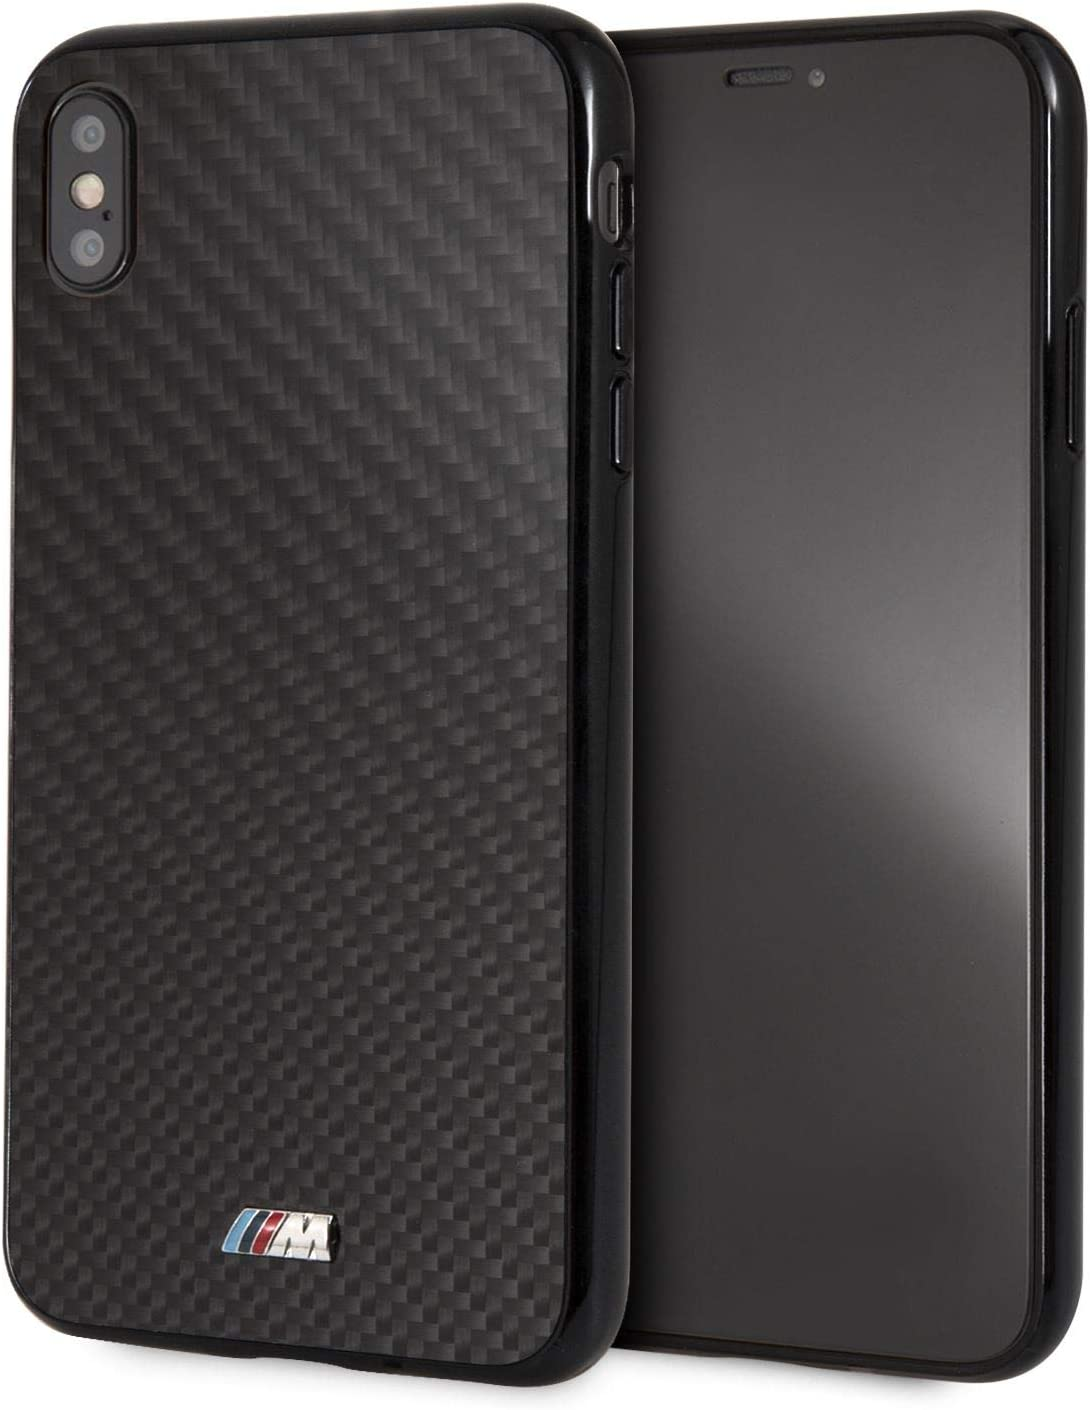 CG Mobile - Carcasa rígida para iPhone Xs Max, fibra de carbono, color negro con logotipo M, puertos fácilmente accesibles, con licencia oficial: Amazon.es: Electrónica